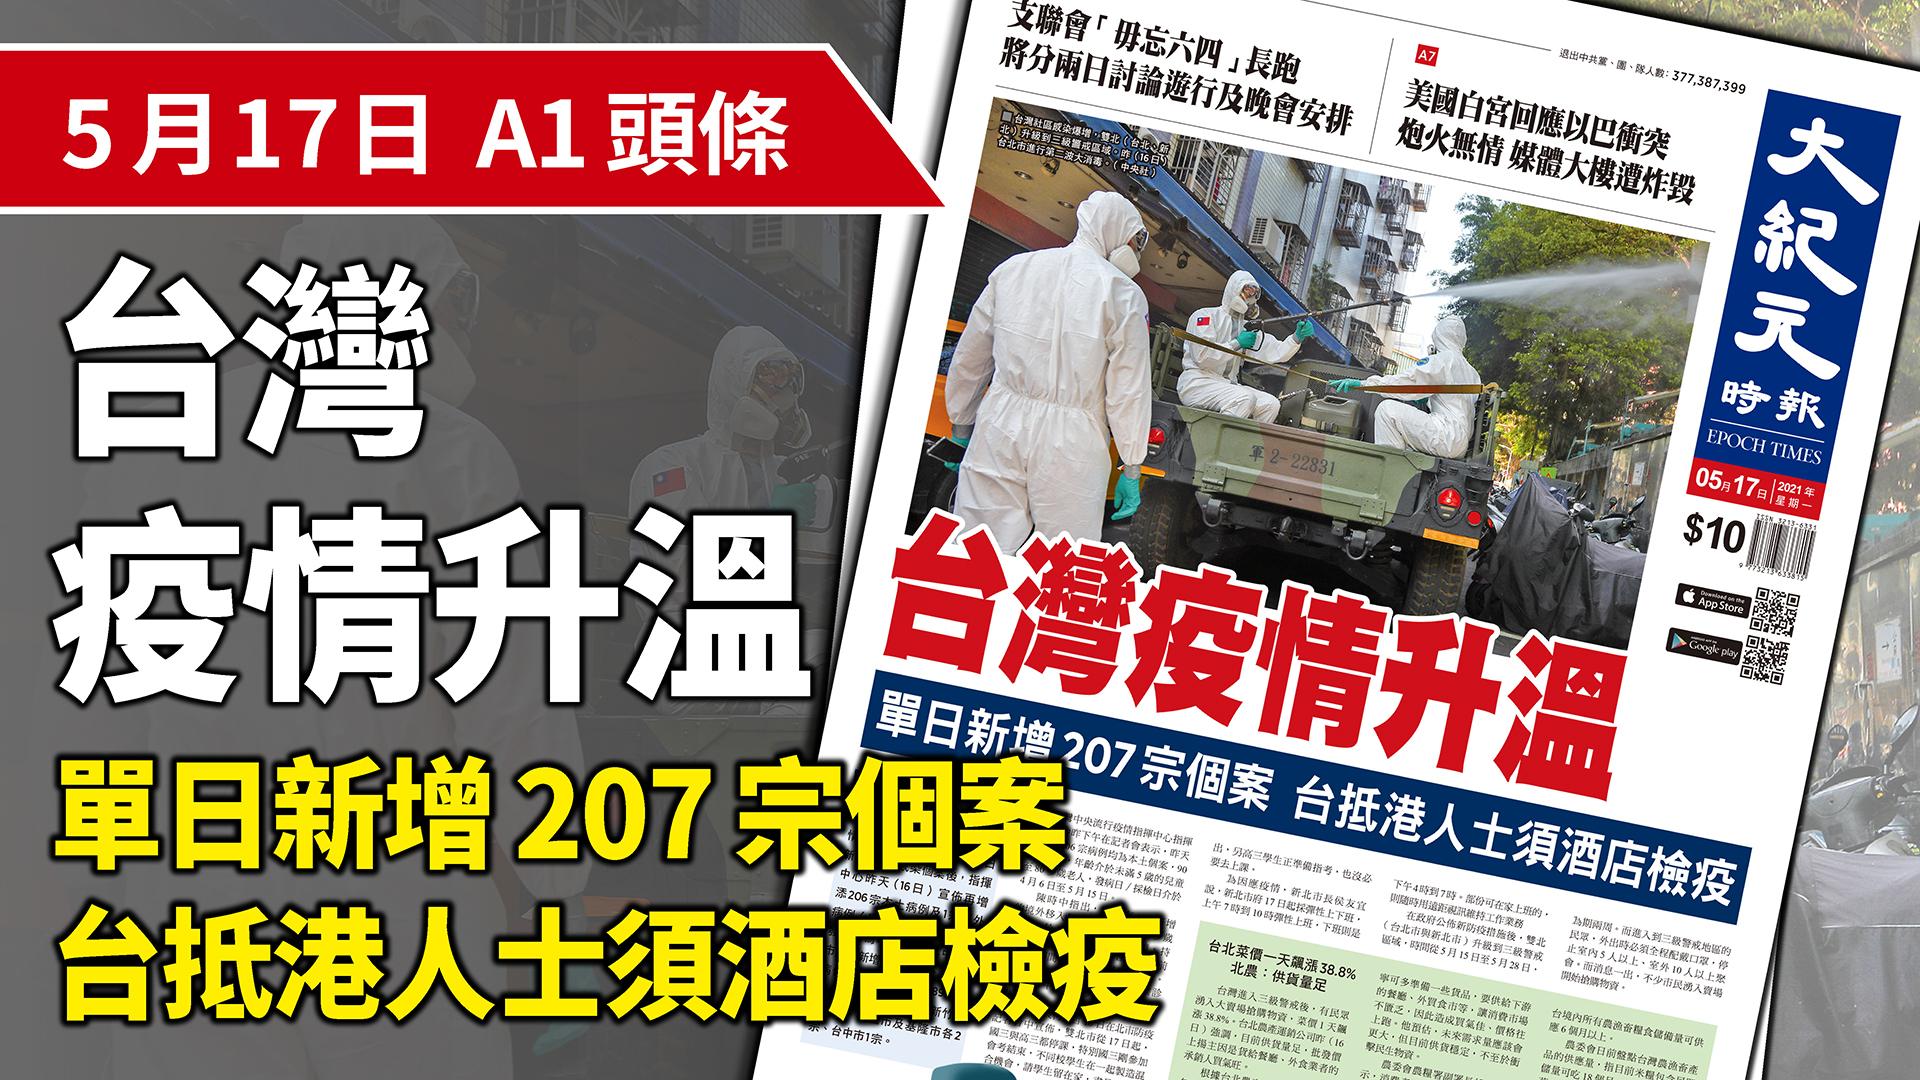 台灣疫情升溫,台北市與新北市升至第三級疫情警戒。針對台灣疫情,香港政府已經要求從台灣抵港人士,不可家居檢疫,須到在指定酒店檢疫14日,並要求他們在抵港後第16及19日接受檢測。(大紀元製圖)